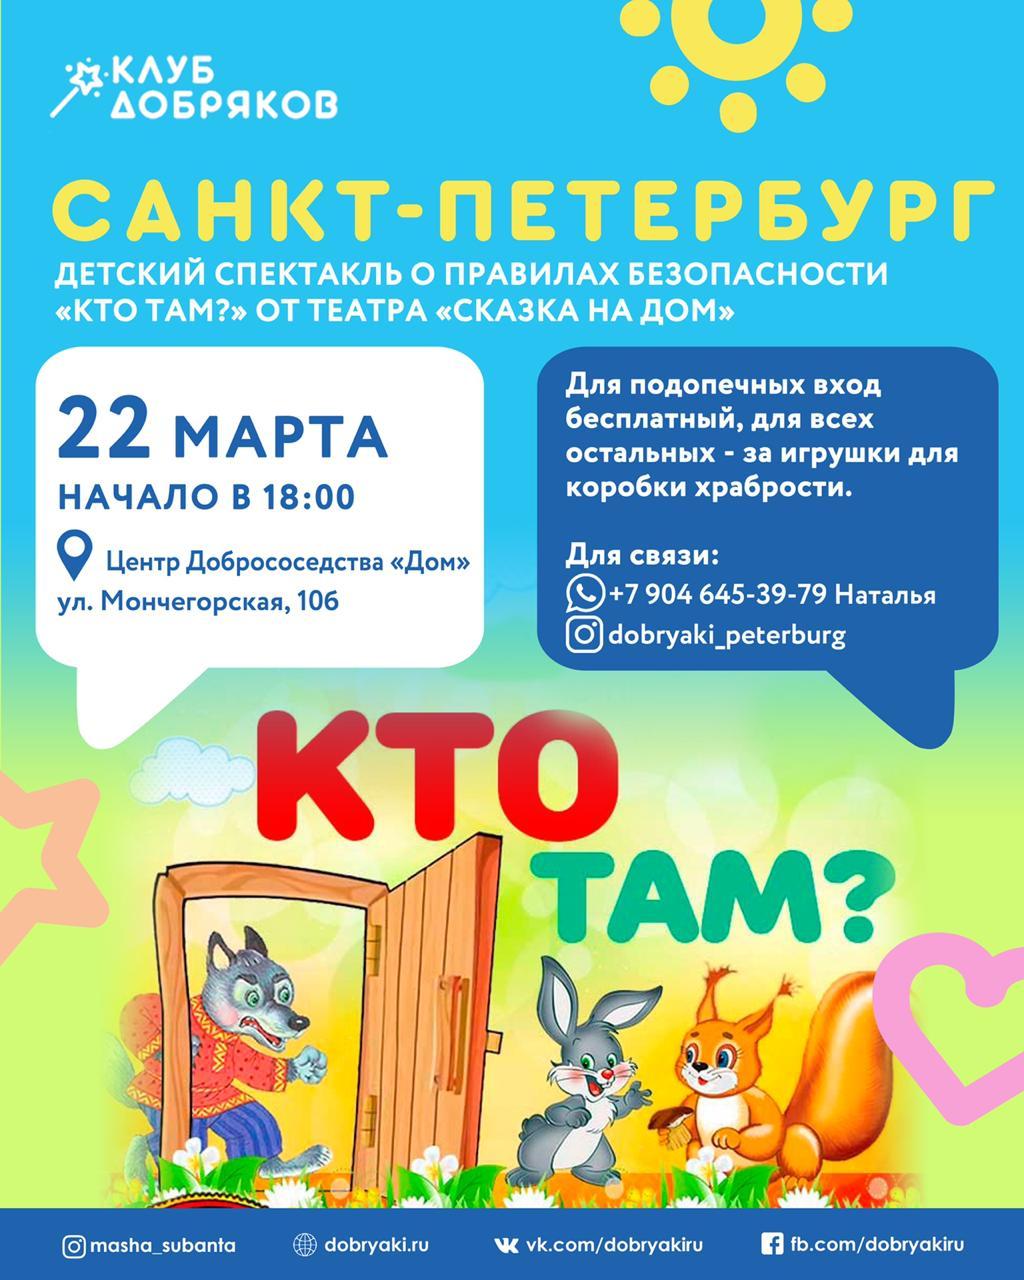 Добряки Петербурга проведут благотворительный спектакль для детей